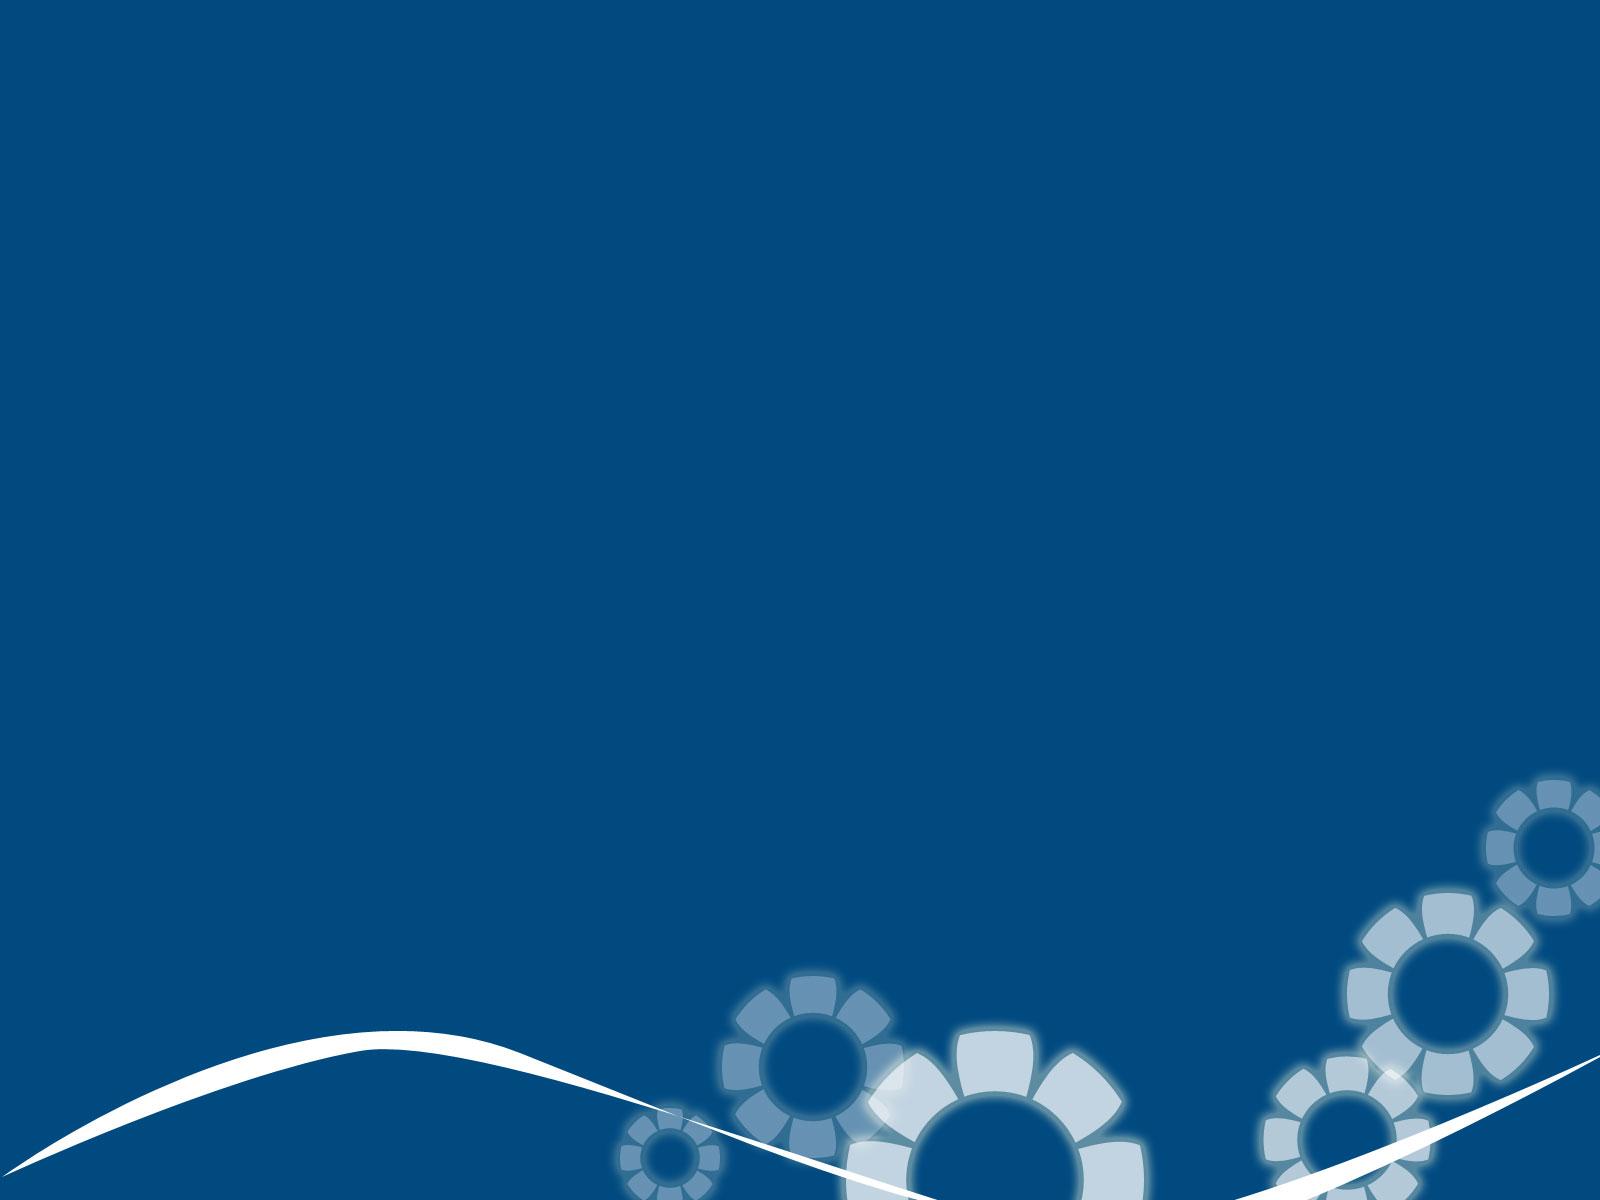 http://2.bp.blogspot.com/-a256xZJPiNA/T-p2O6S8yyI/AAAAAAAACvk/Dkd5wpswzyU/s1600/Blue+Art+Background+Wallpaper+Image+HD+%282%29.jpg